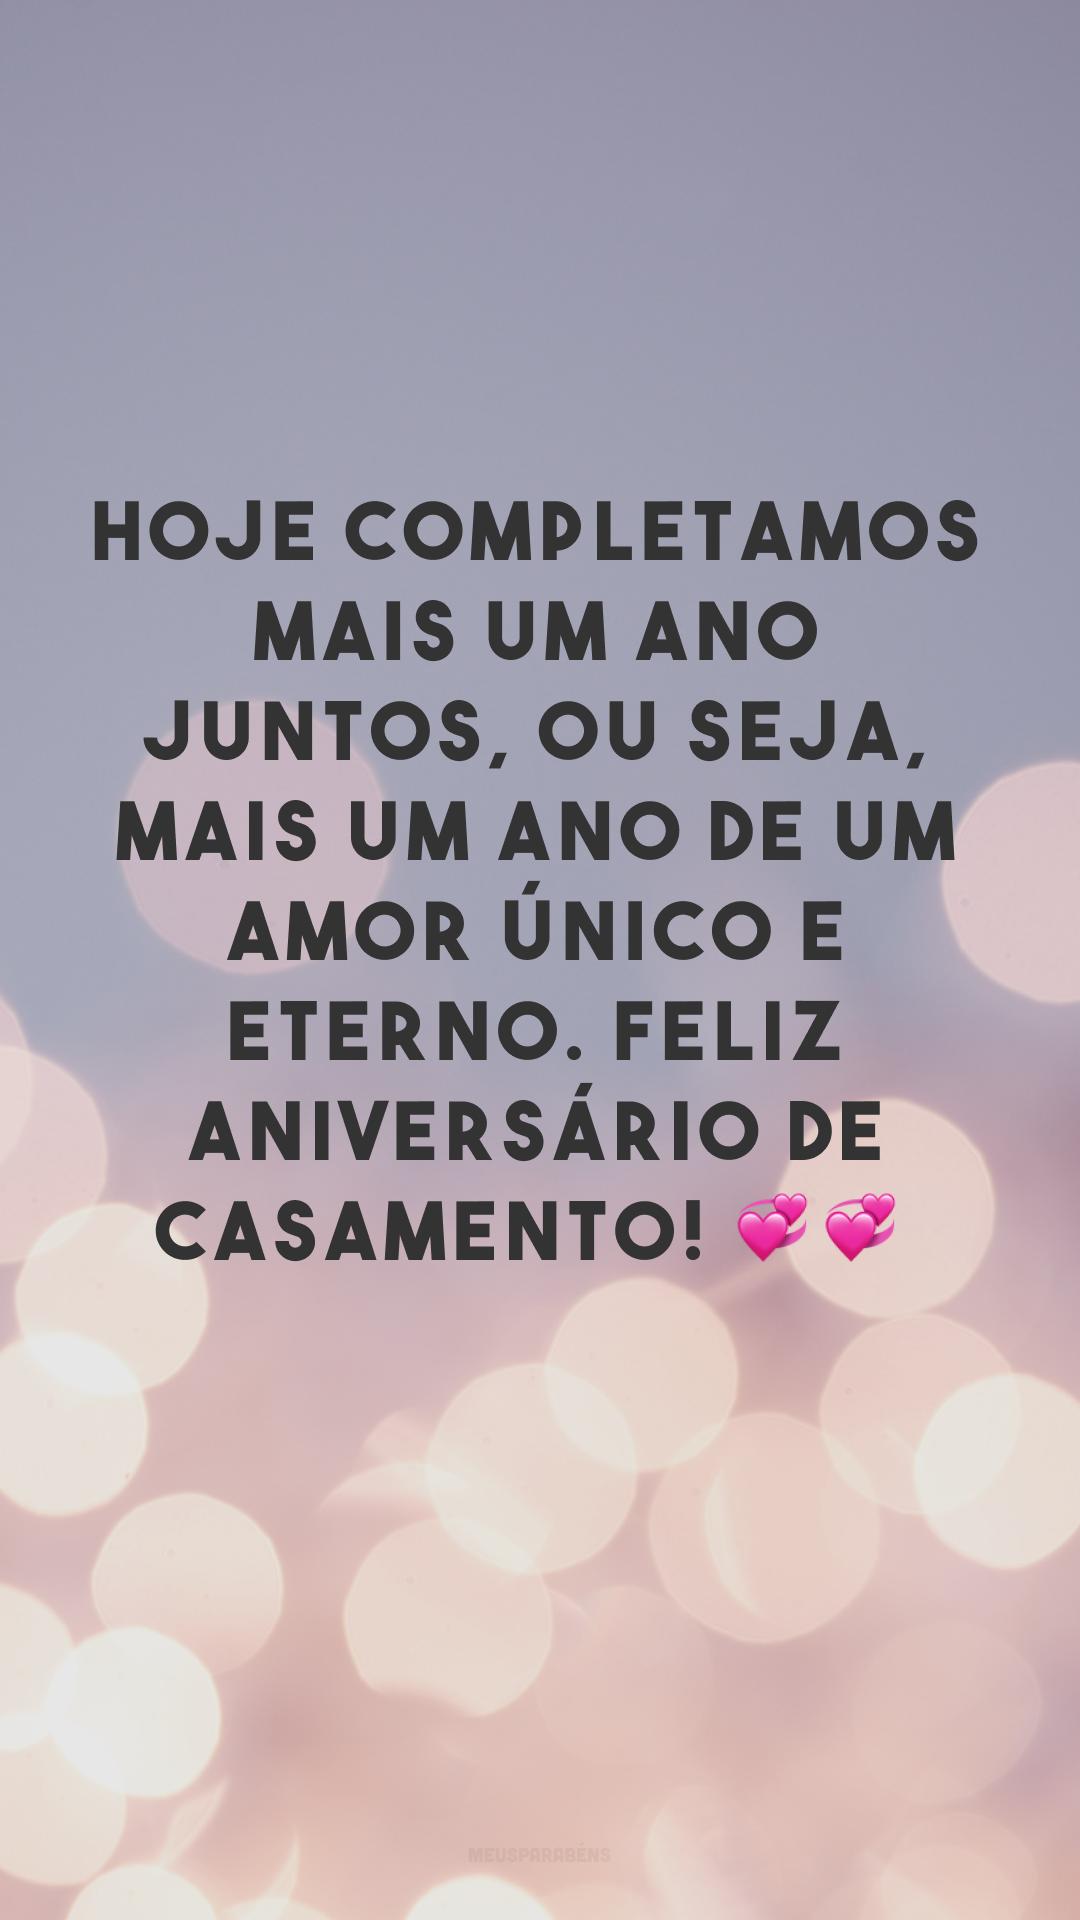 Hoje completamos mais um ano juntos, ou seja, mais um ano de um amor único e eterno. Feliz aniversário de casamento! 💞💞